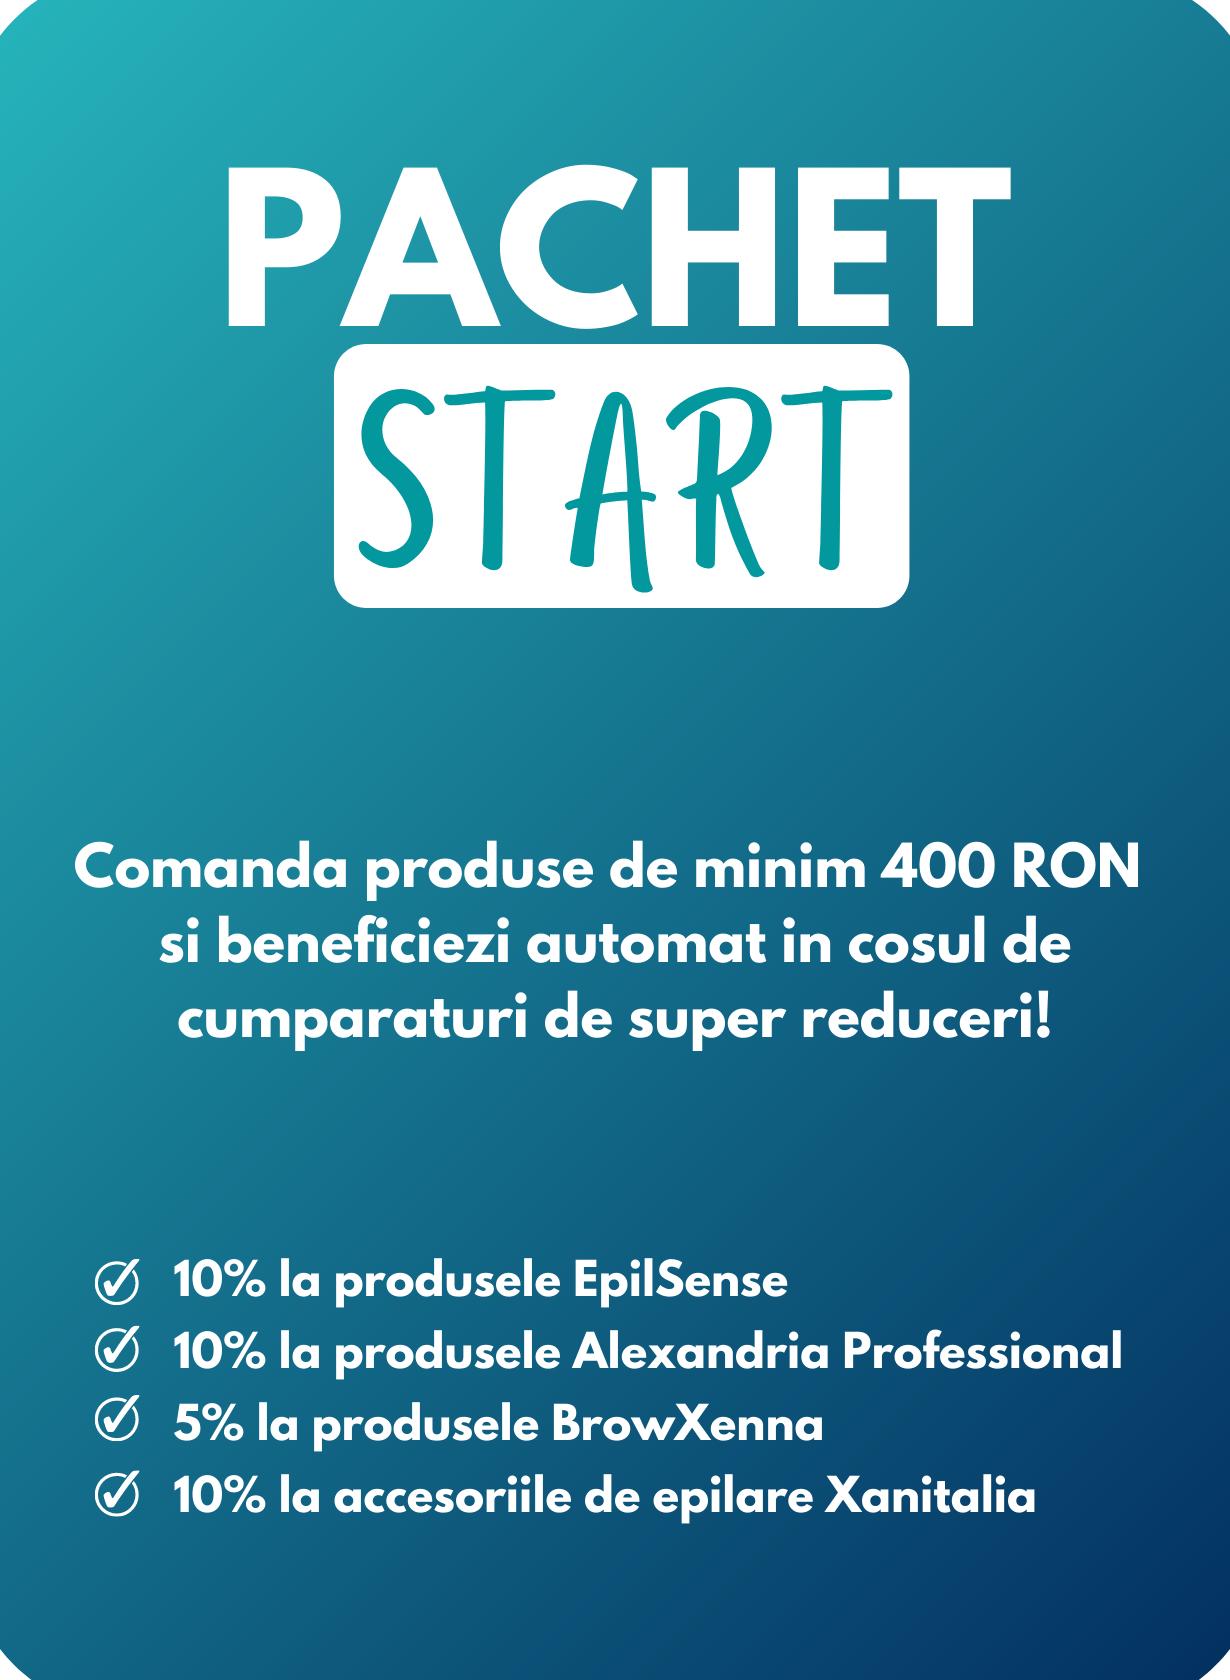 pachet start